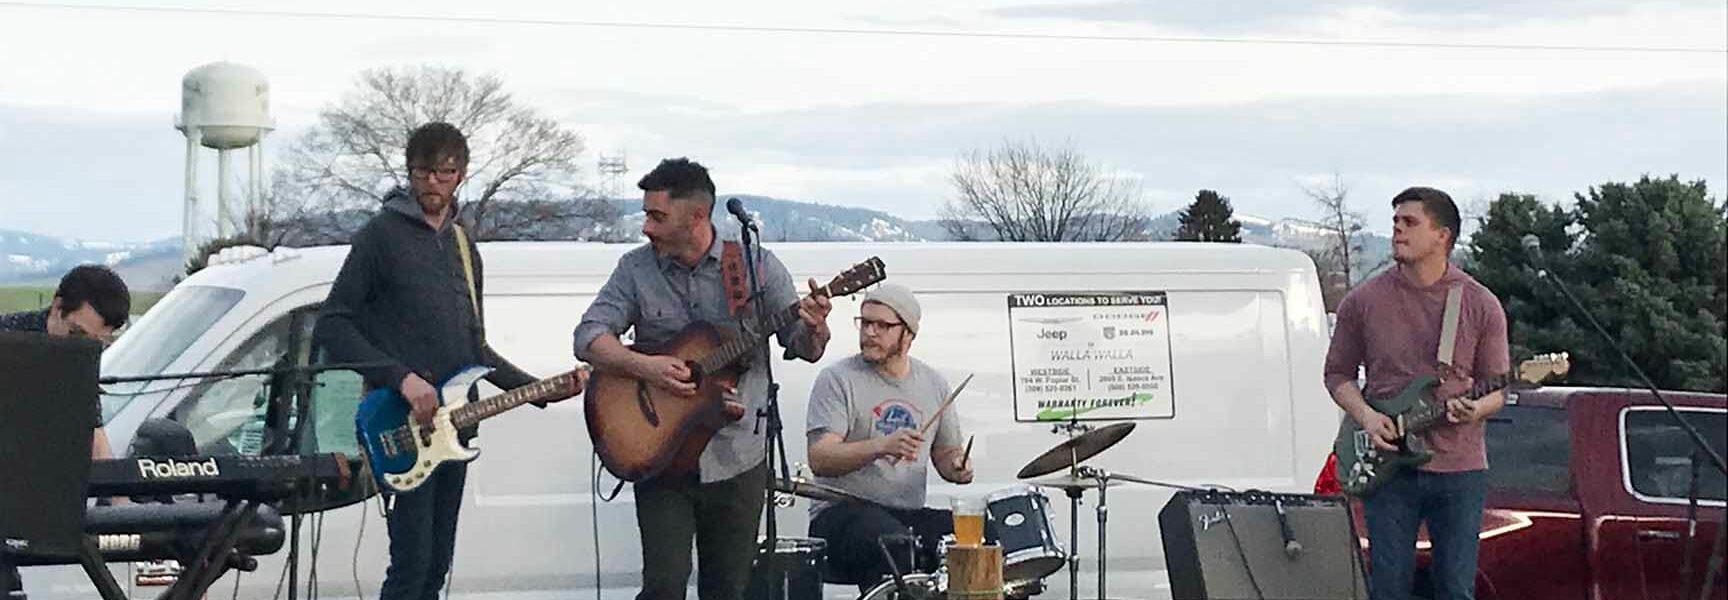 Shop Singers bring spring fun to Walla Walla